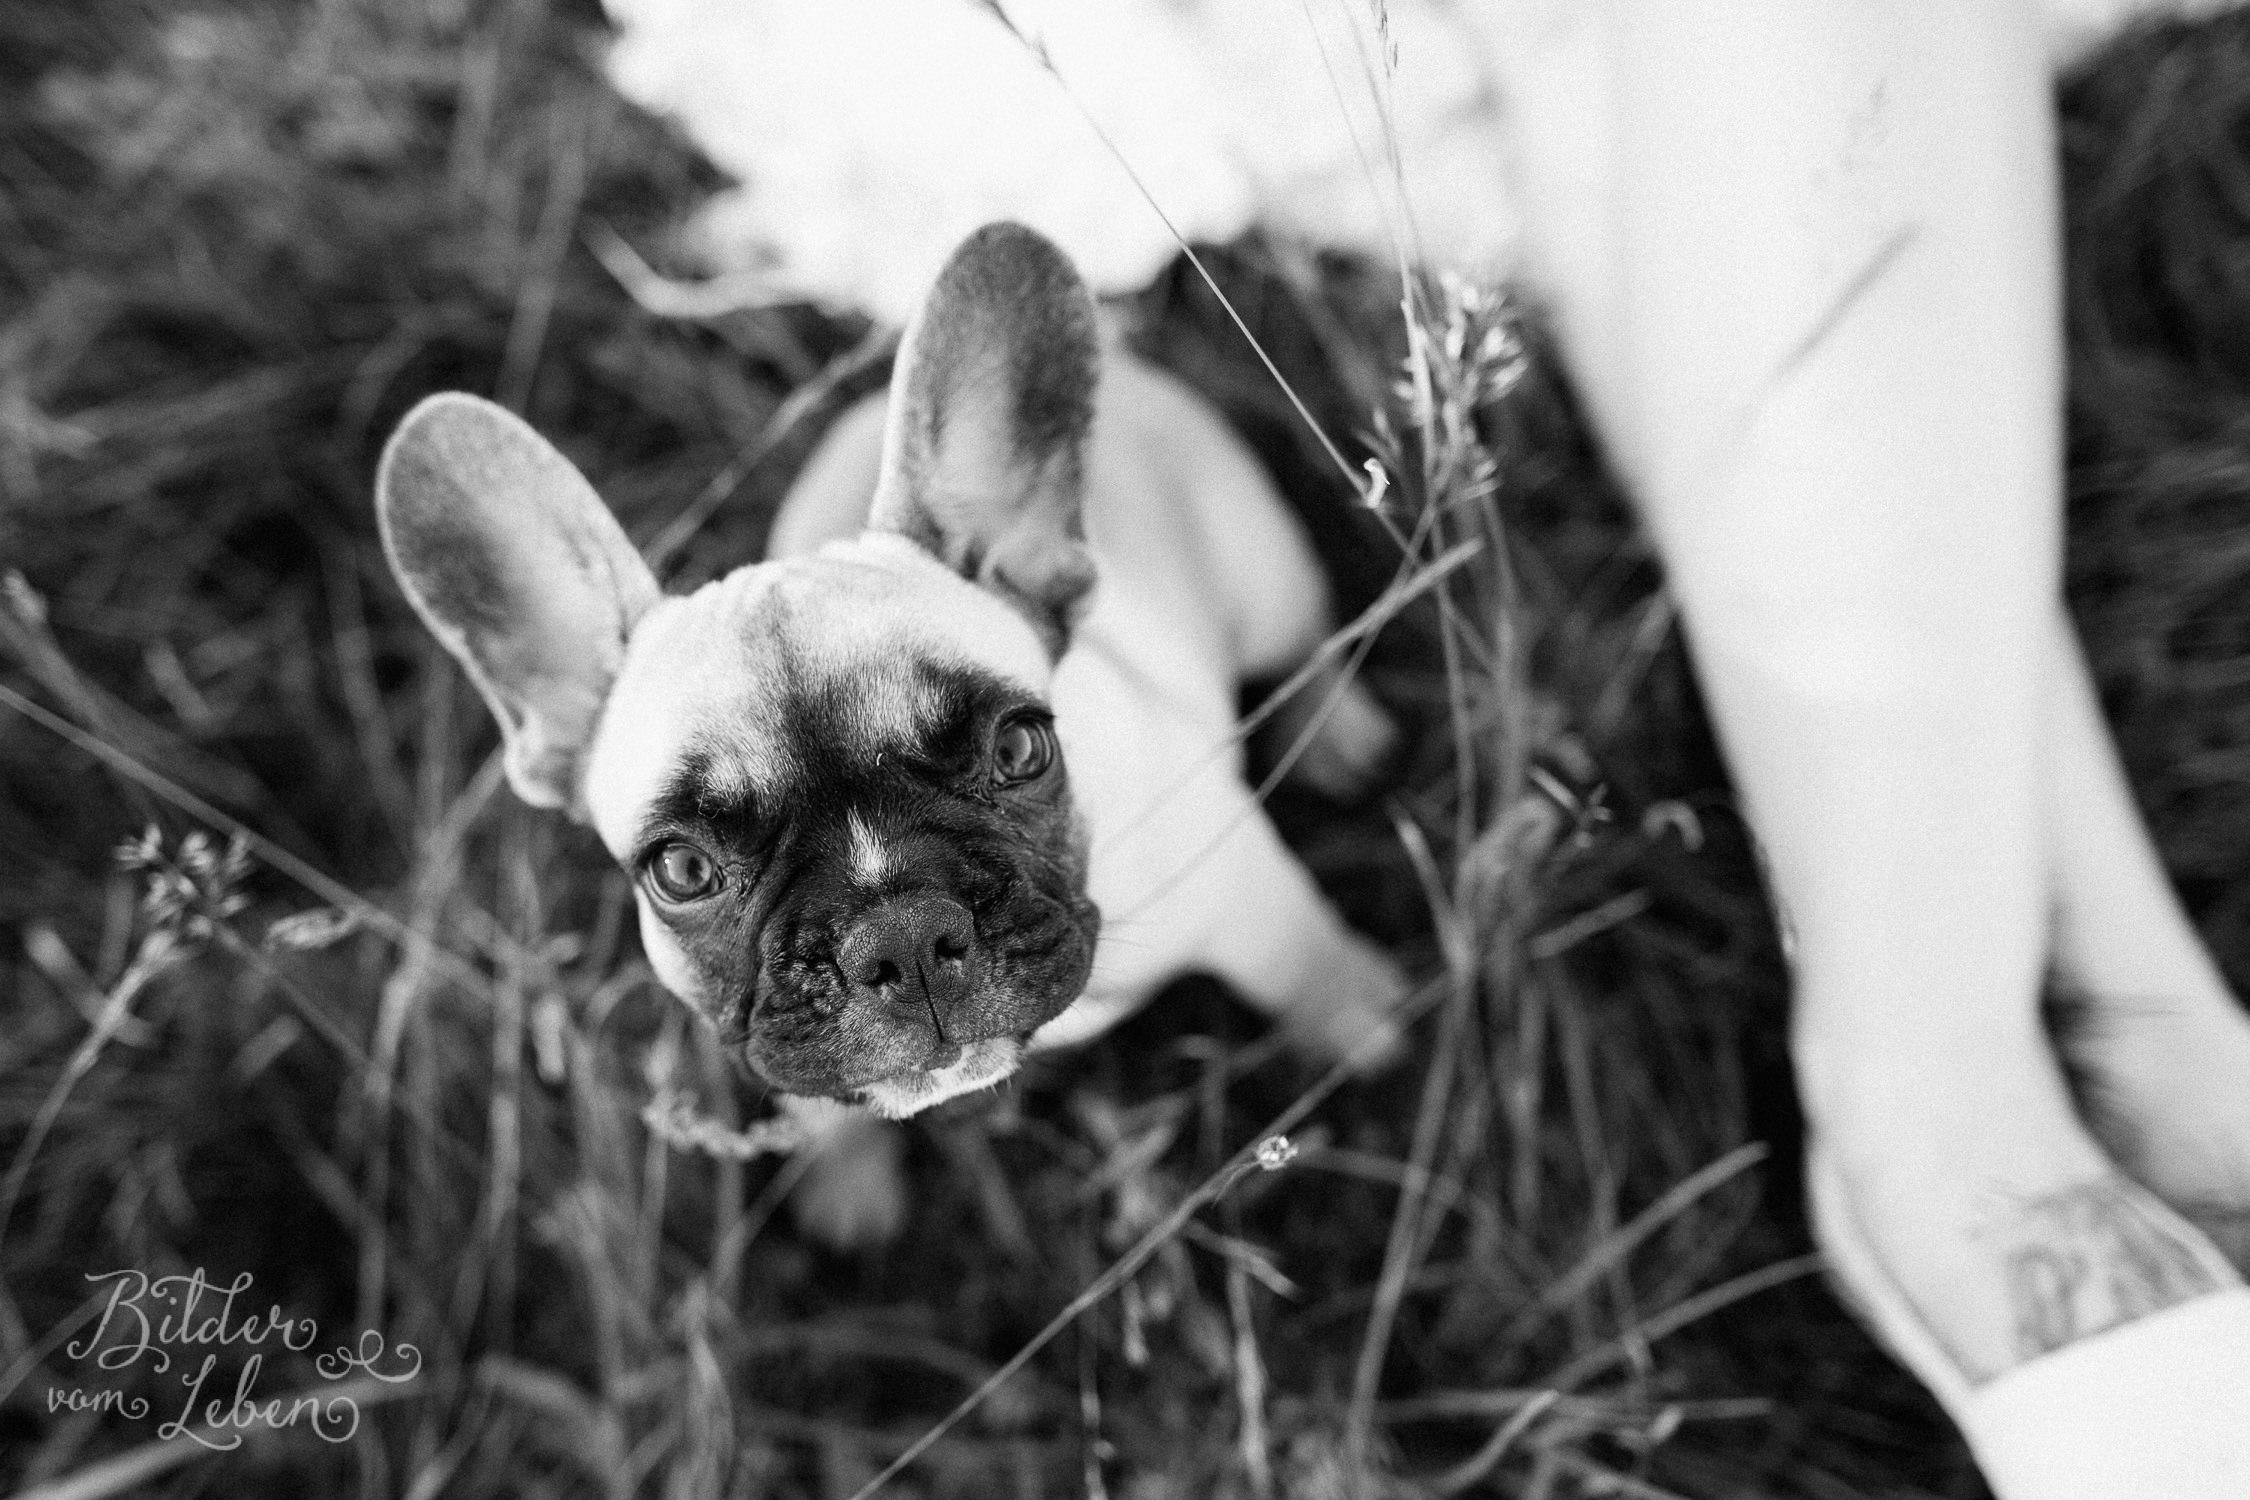 Franzoesische-Bulldogge-Portraits-BildervomLeben-2016-7409